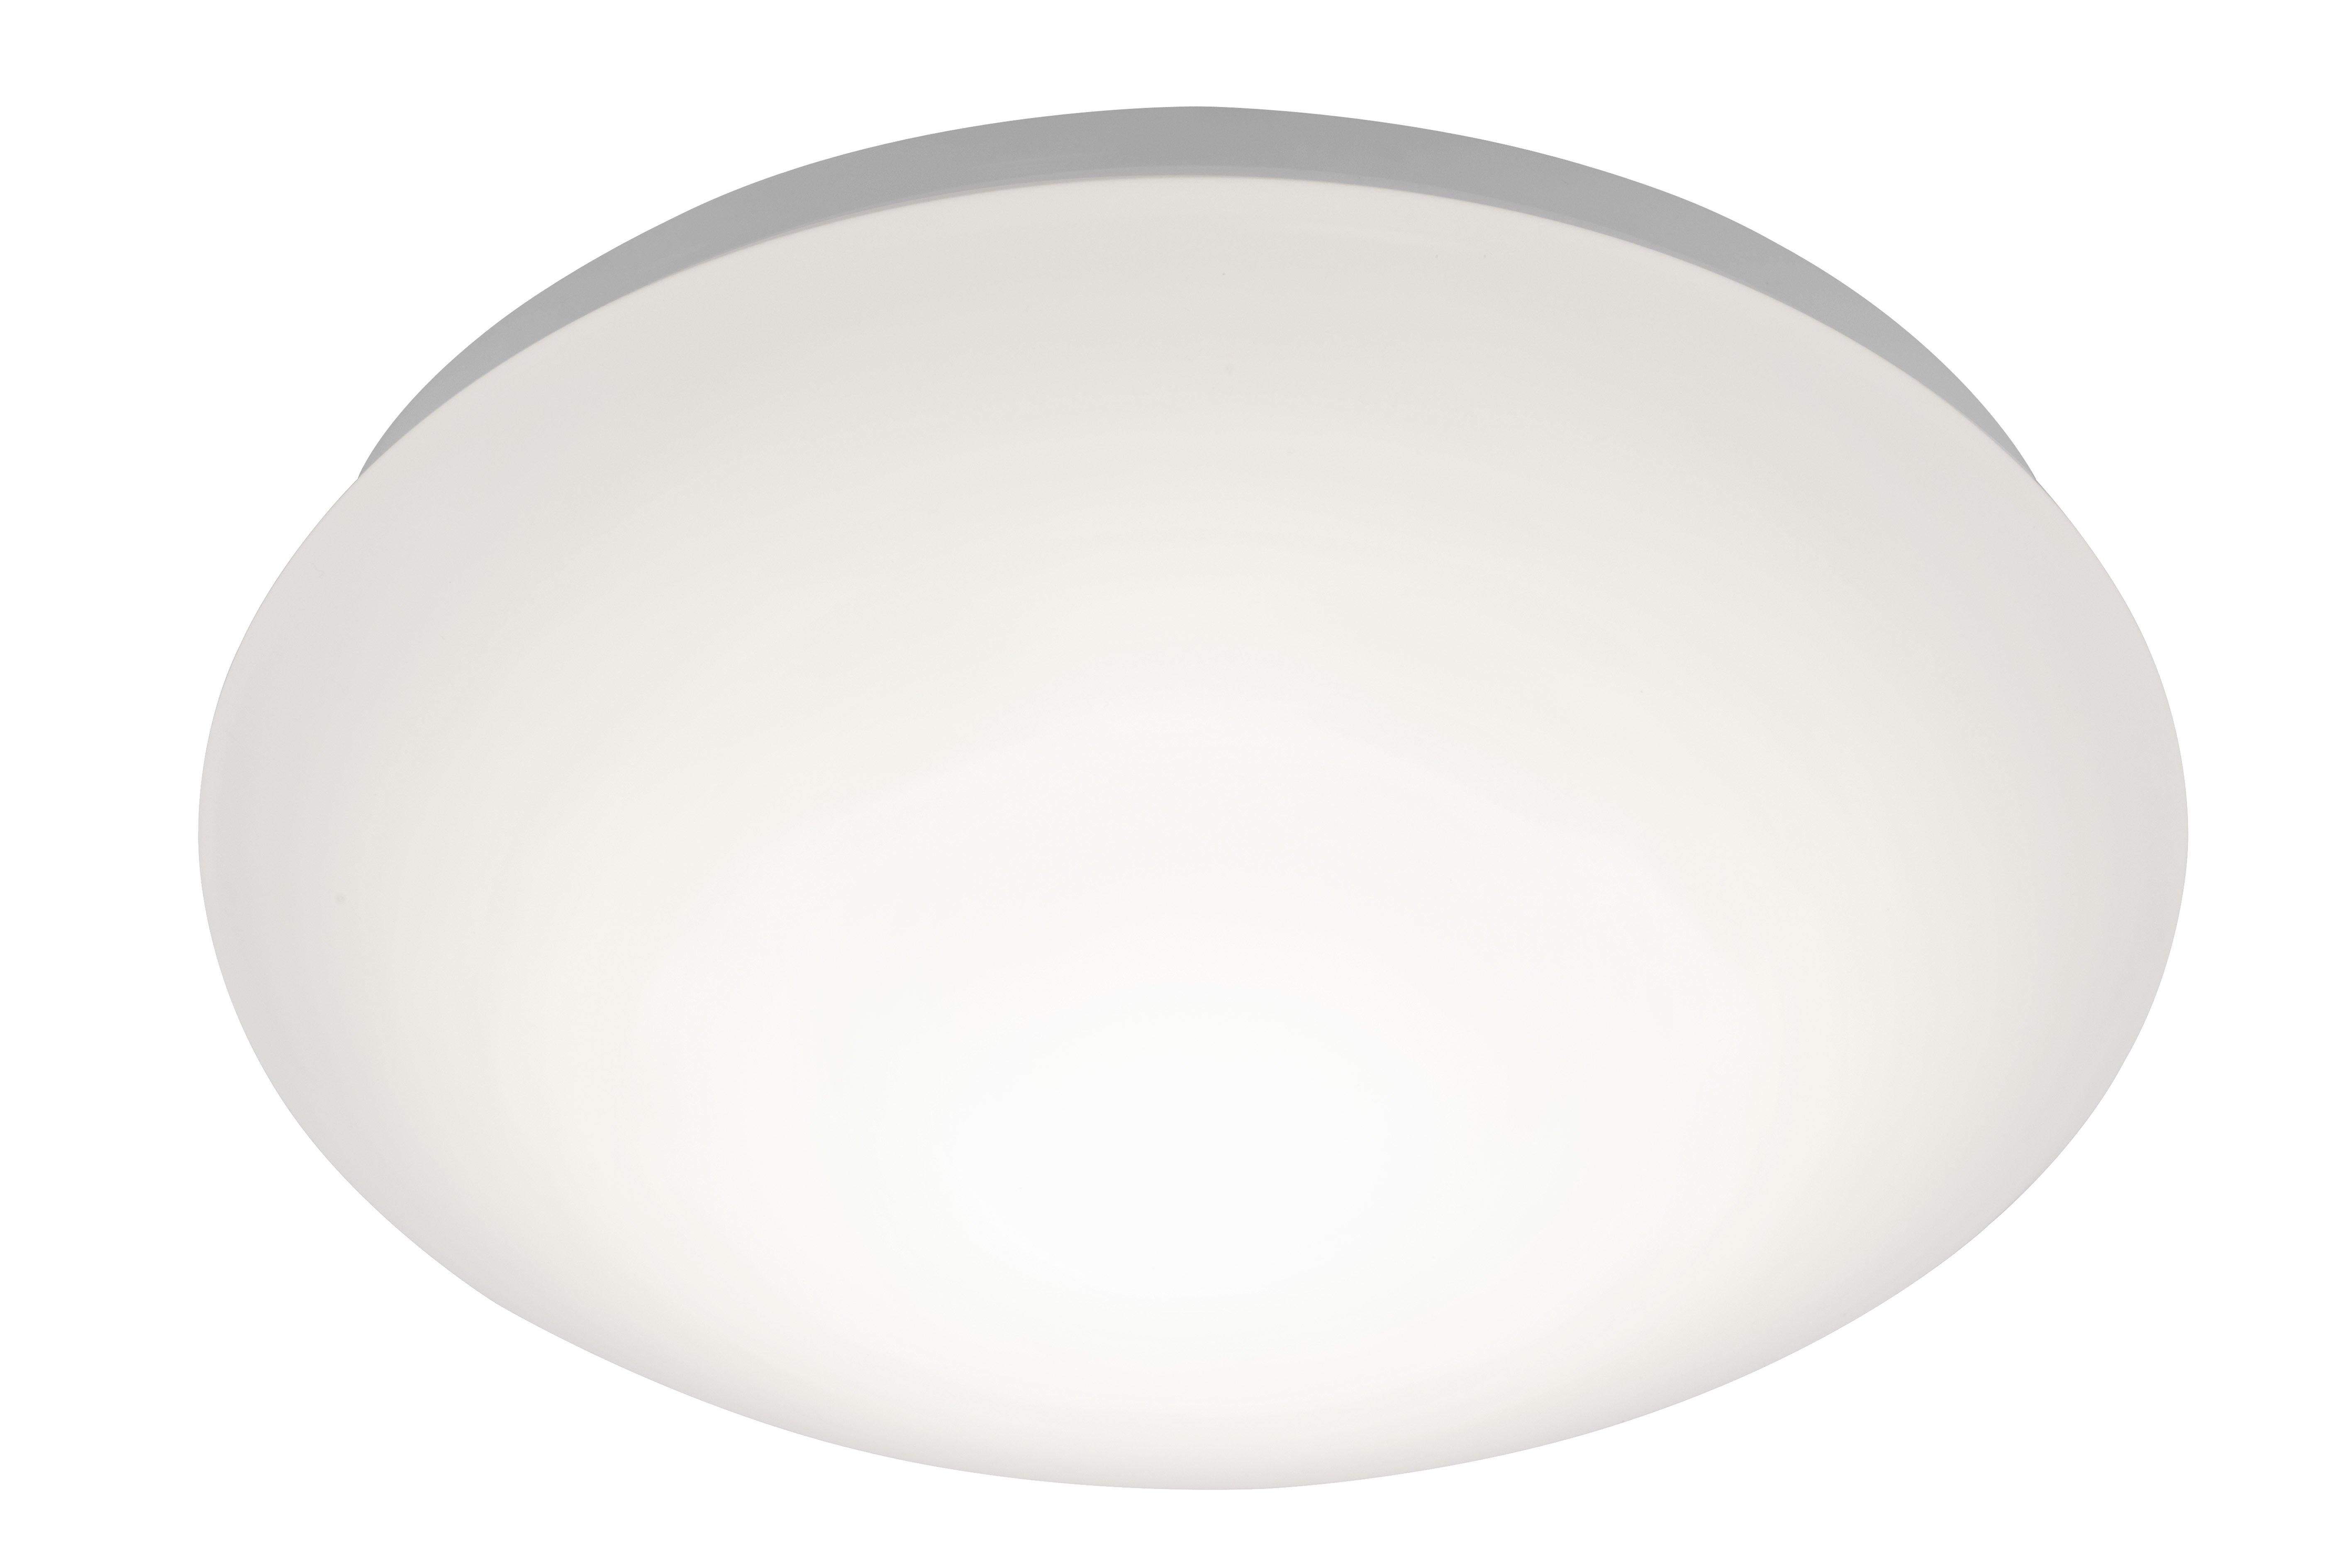 Wand-/Deckenleuchte H9,5 D28, Weiß